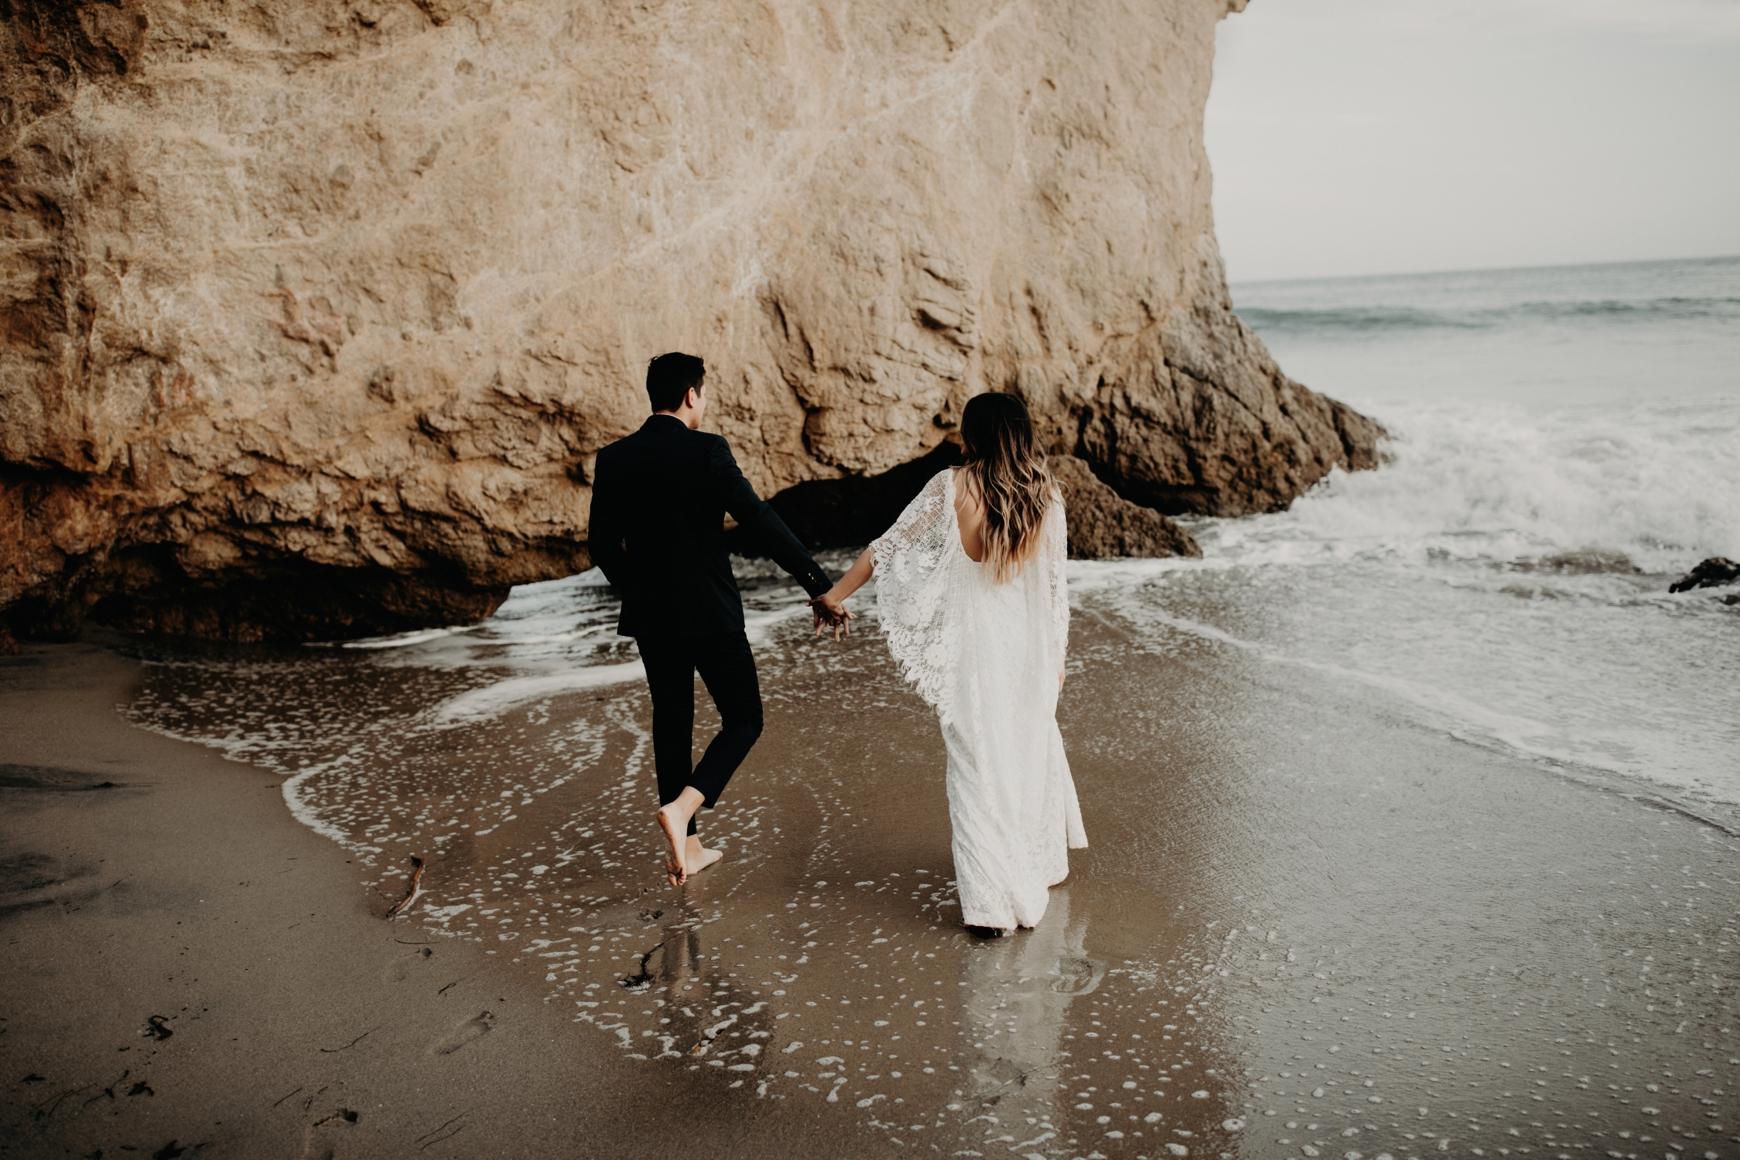 El Matador Beach Bridal Portraits Justellen & TJ Emily Magers Photography-221Emily Magers Photography.jpg